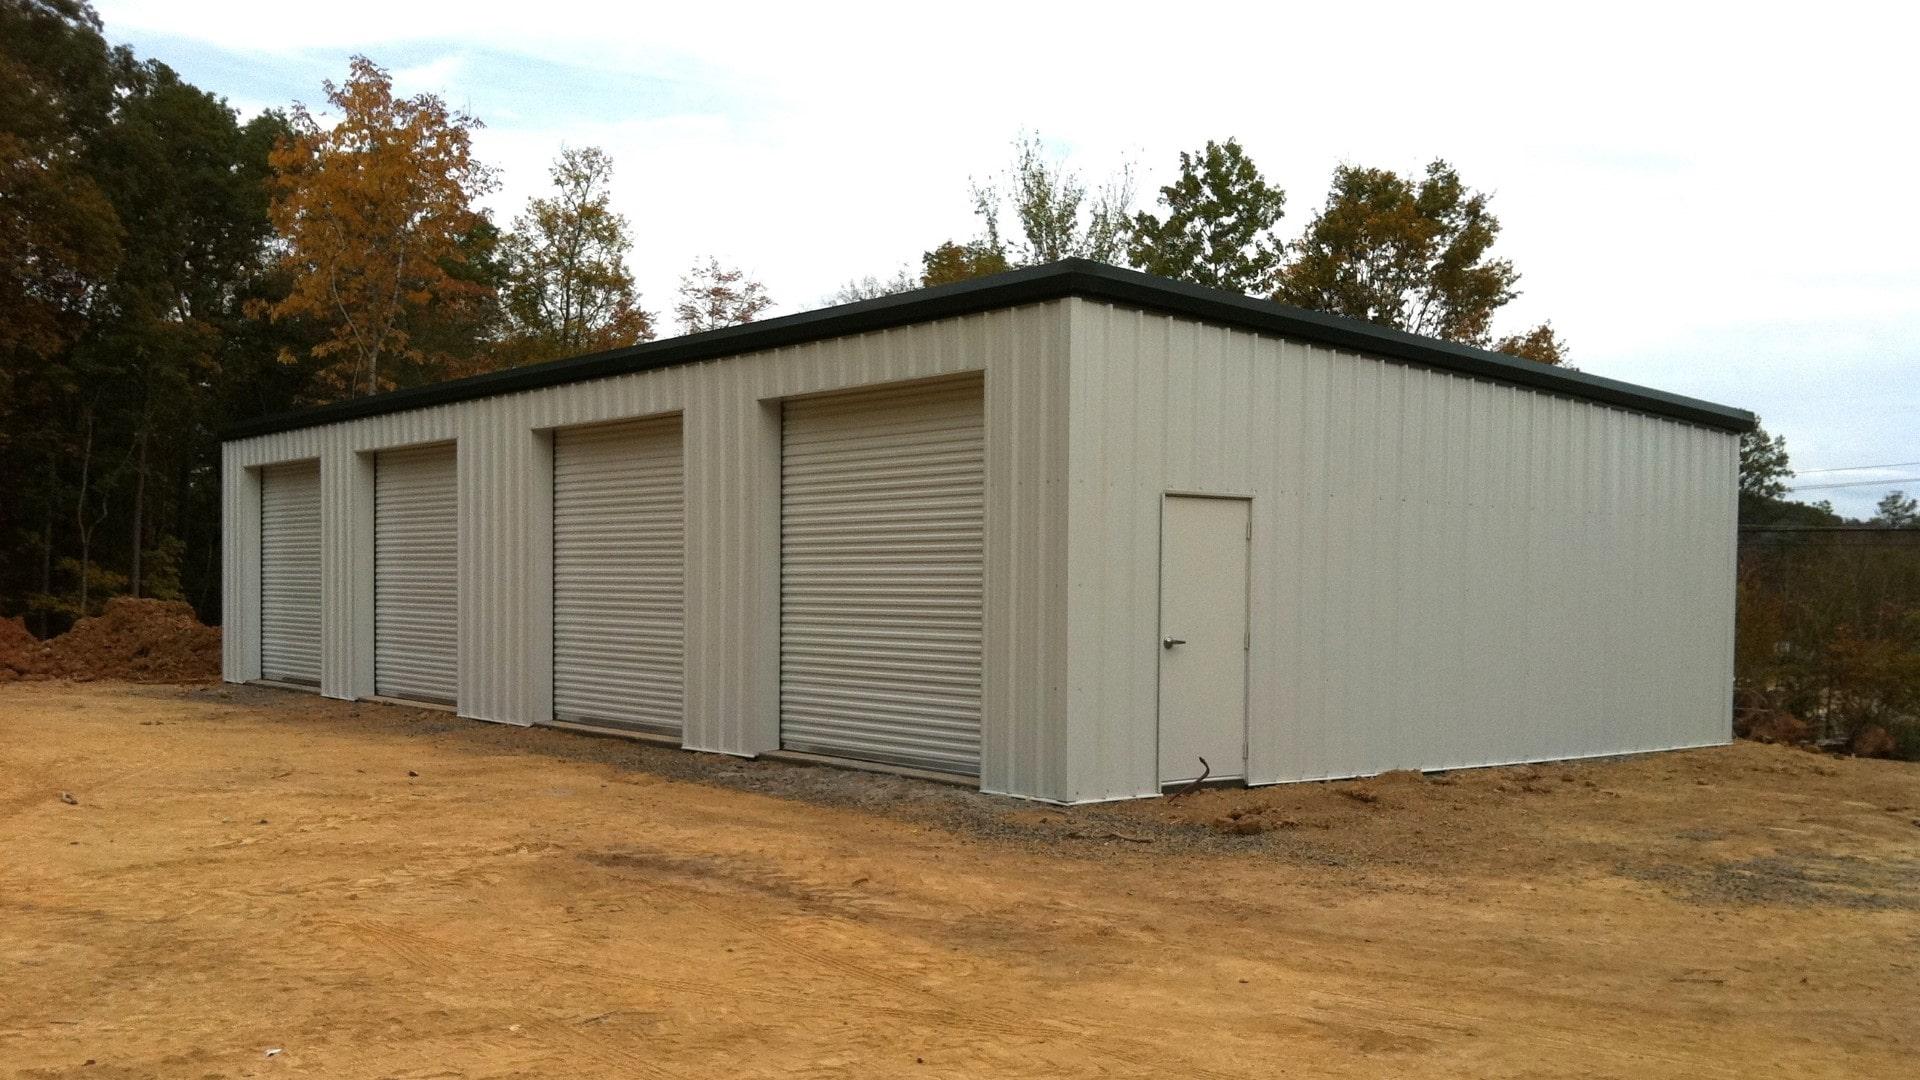 Tan single slope metal garage with dark green trim, walk door, and 4 rollup doors. View of front sidewall left endwall corner.